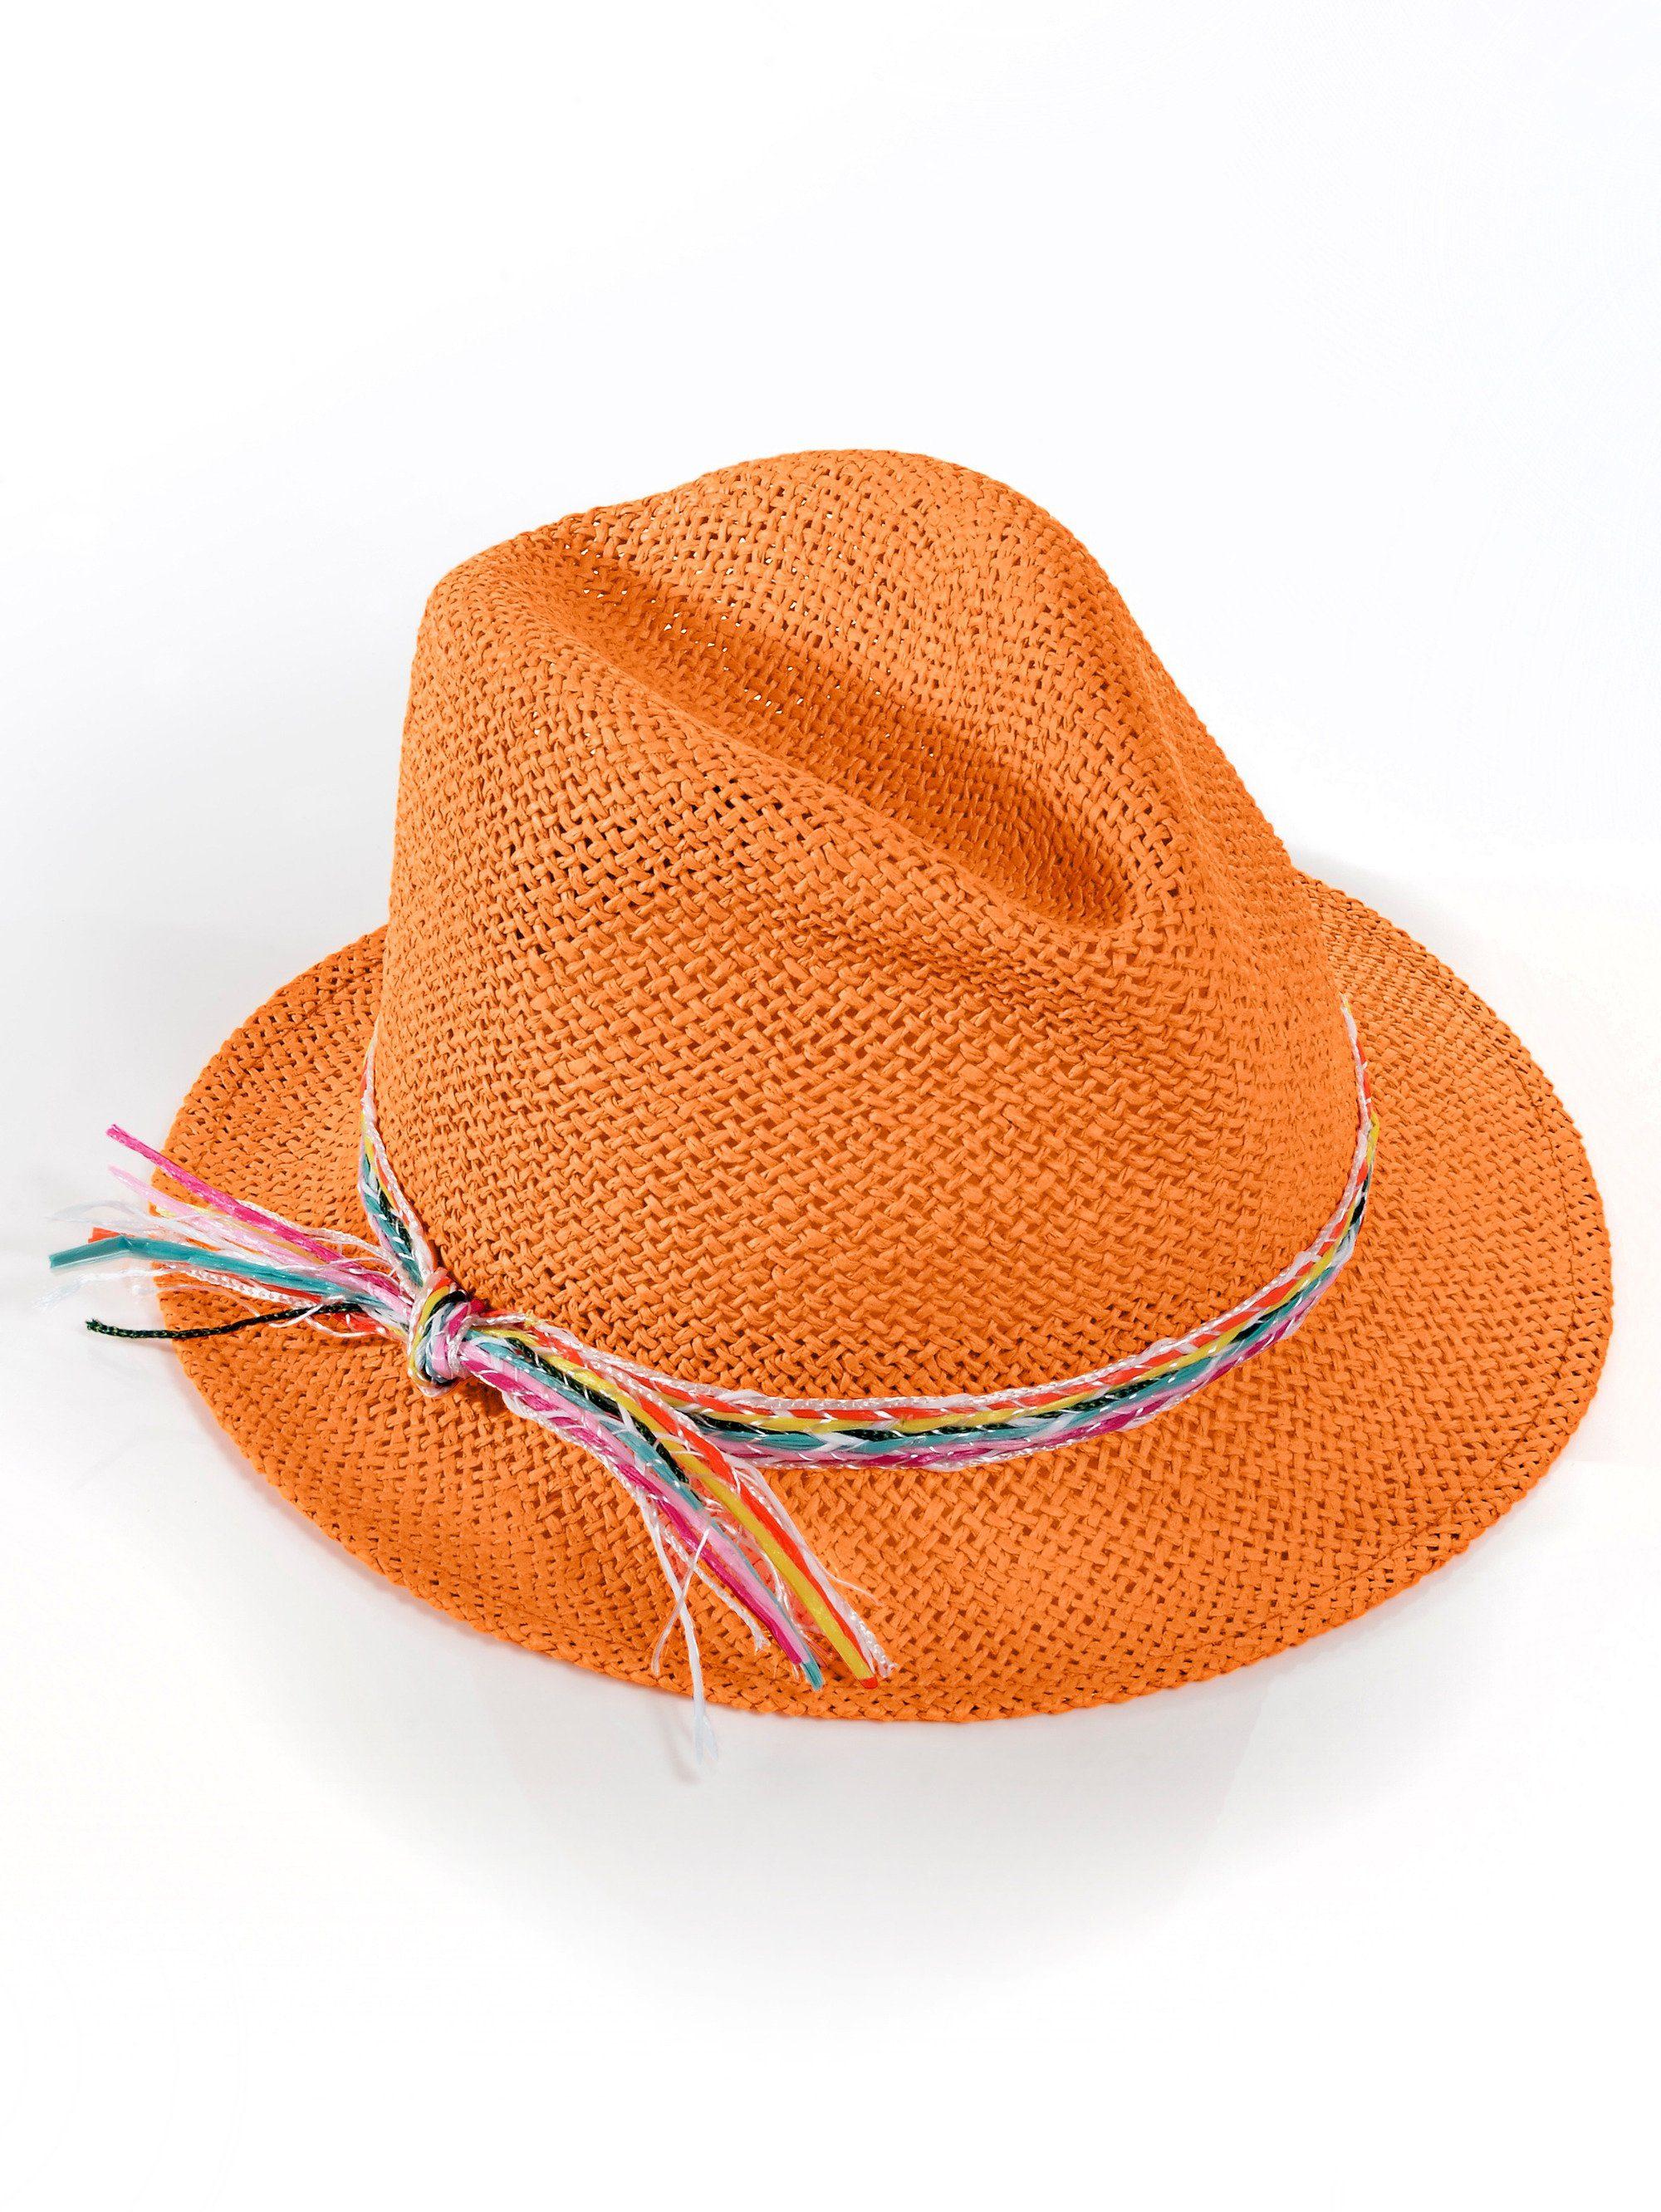 Alba Moda Strohhut | Accessoires > Hüte | Orange | ALBA MODA